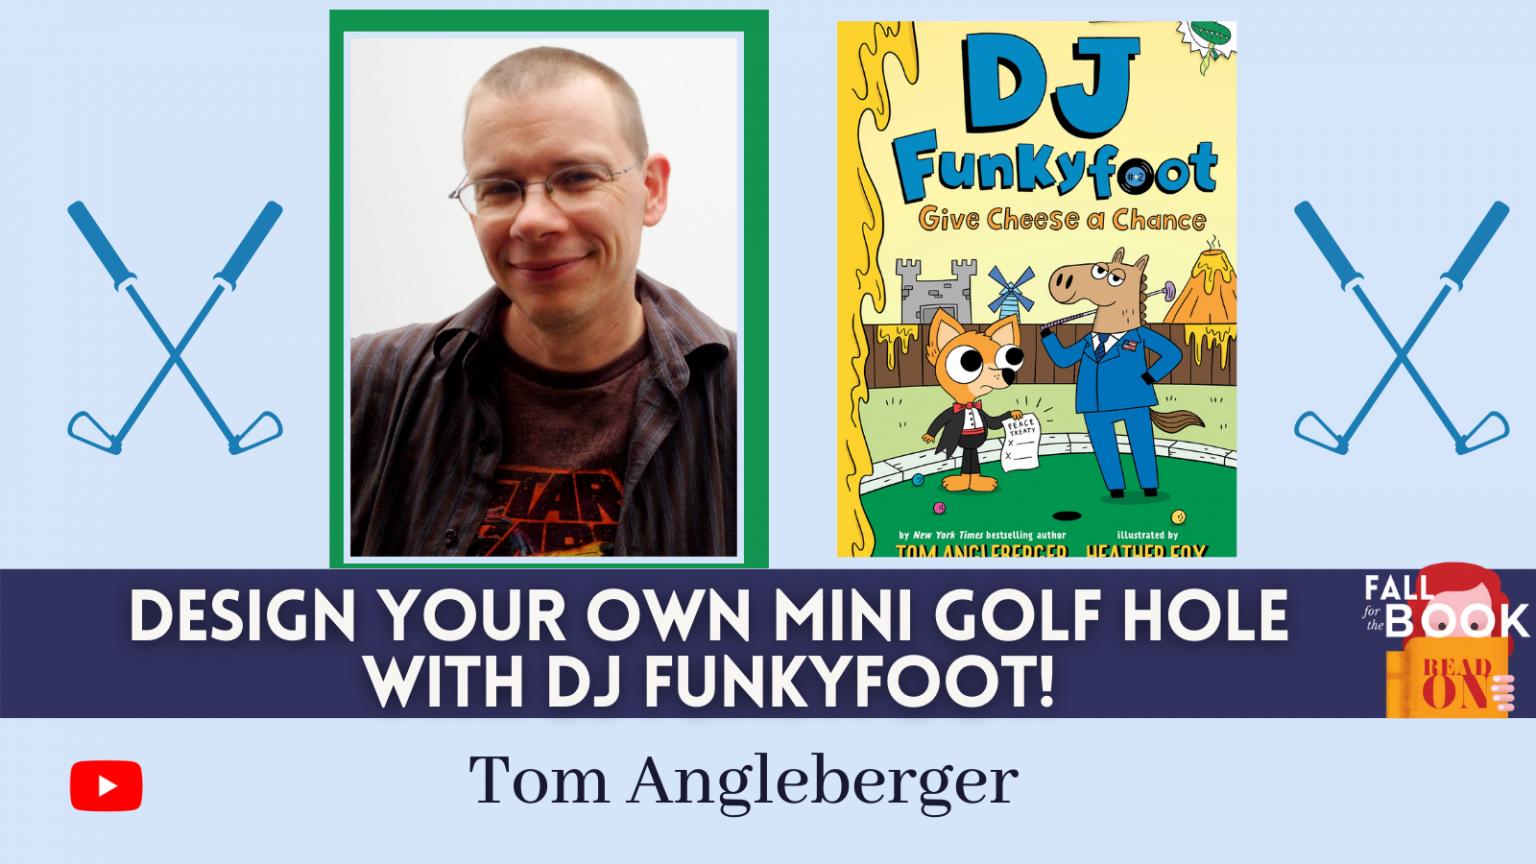 Tom Angleberger Event